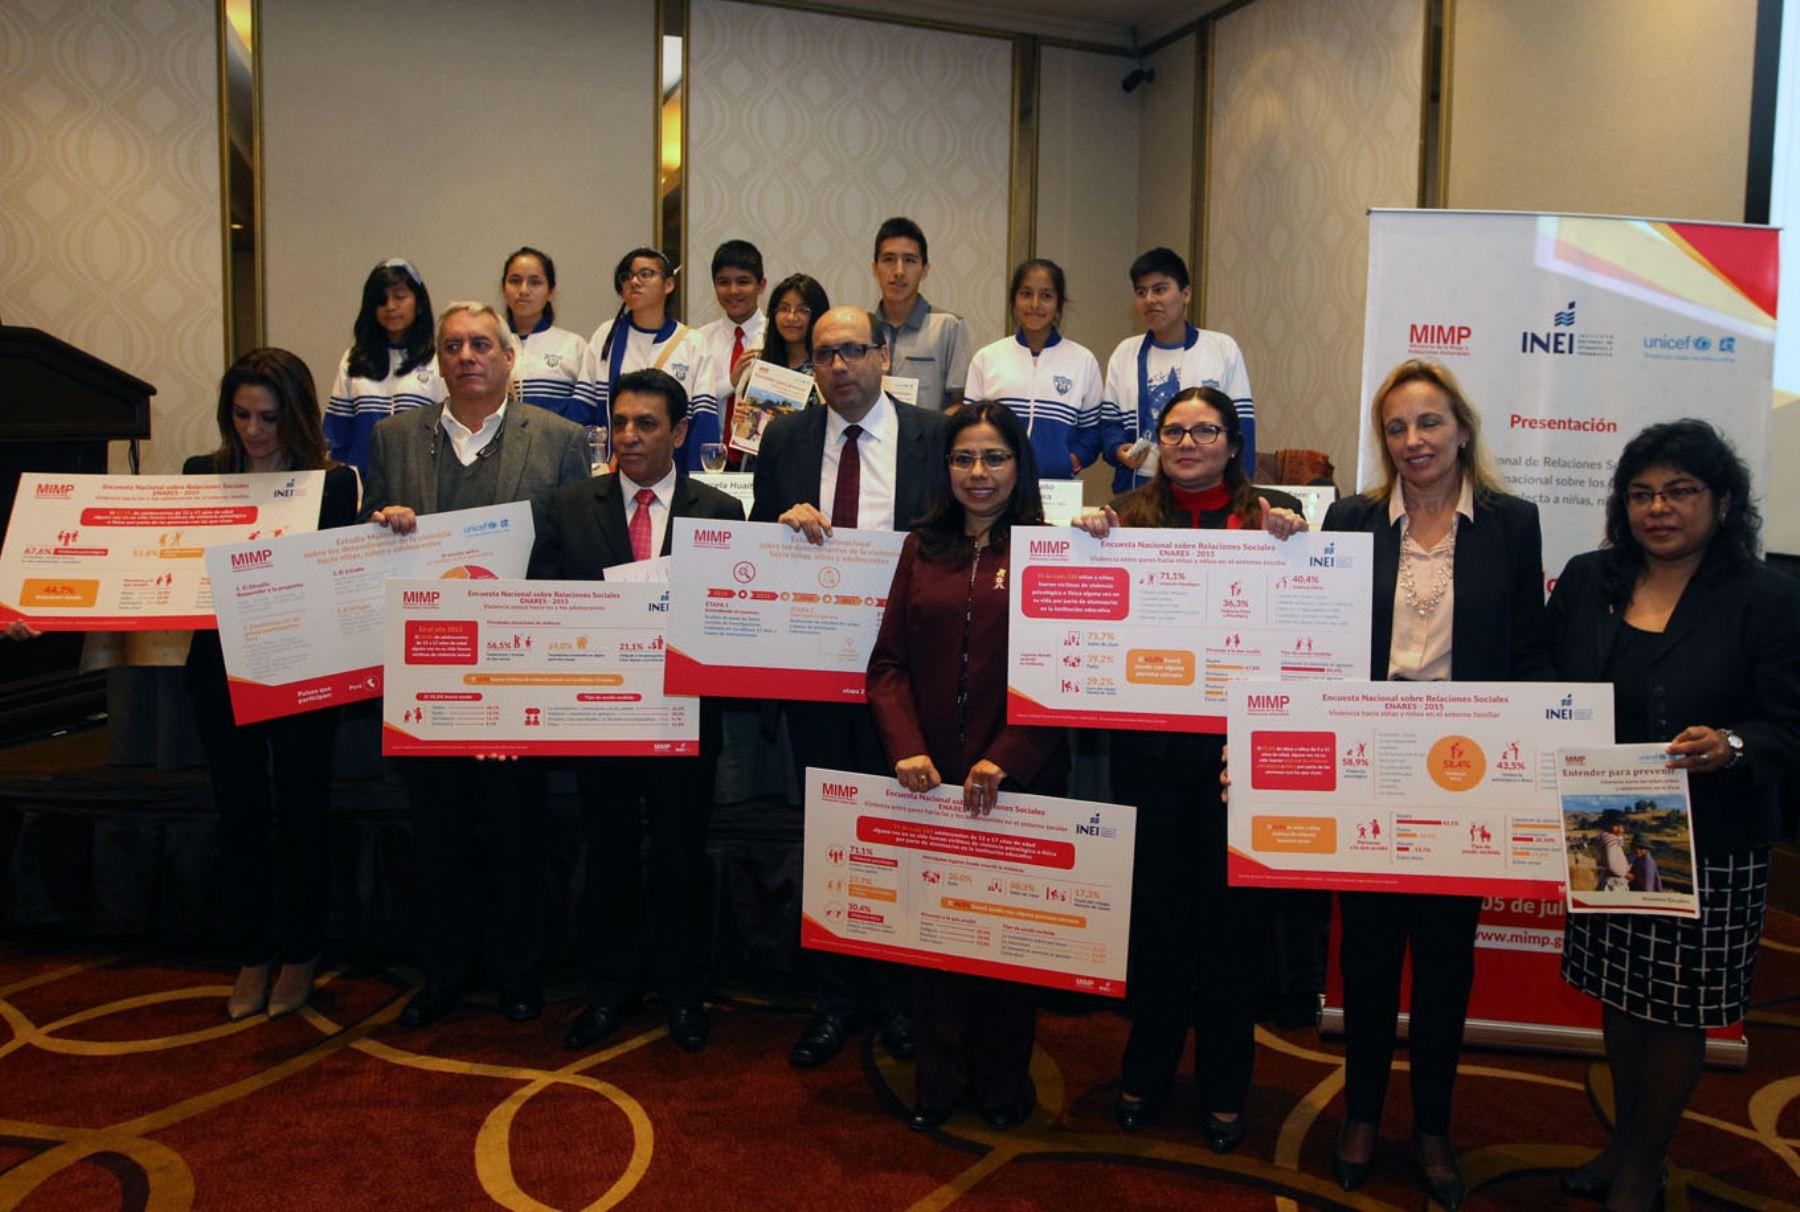 Presentación de estudio multinacional sobre violencia contra la niñez. Foto: ANDINA/Héctor Vinces